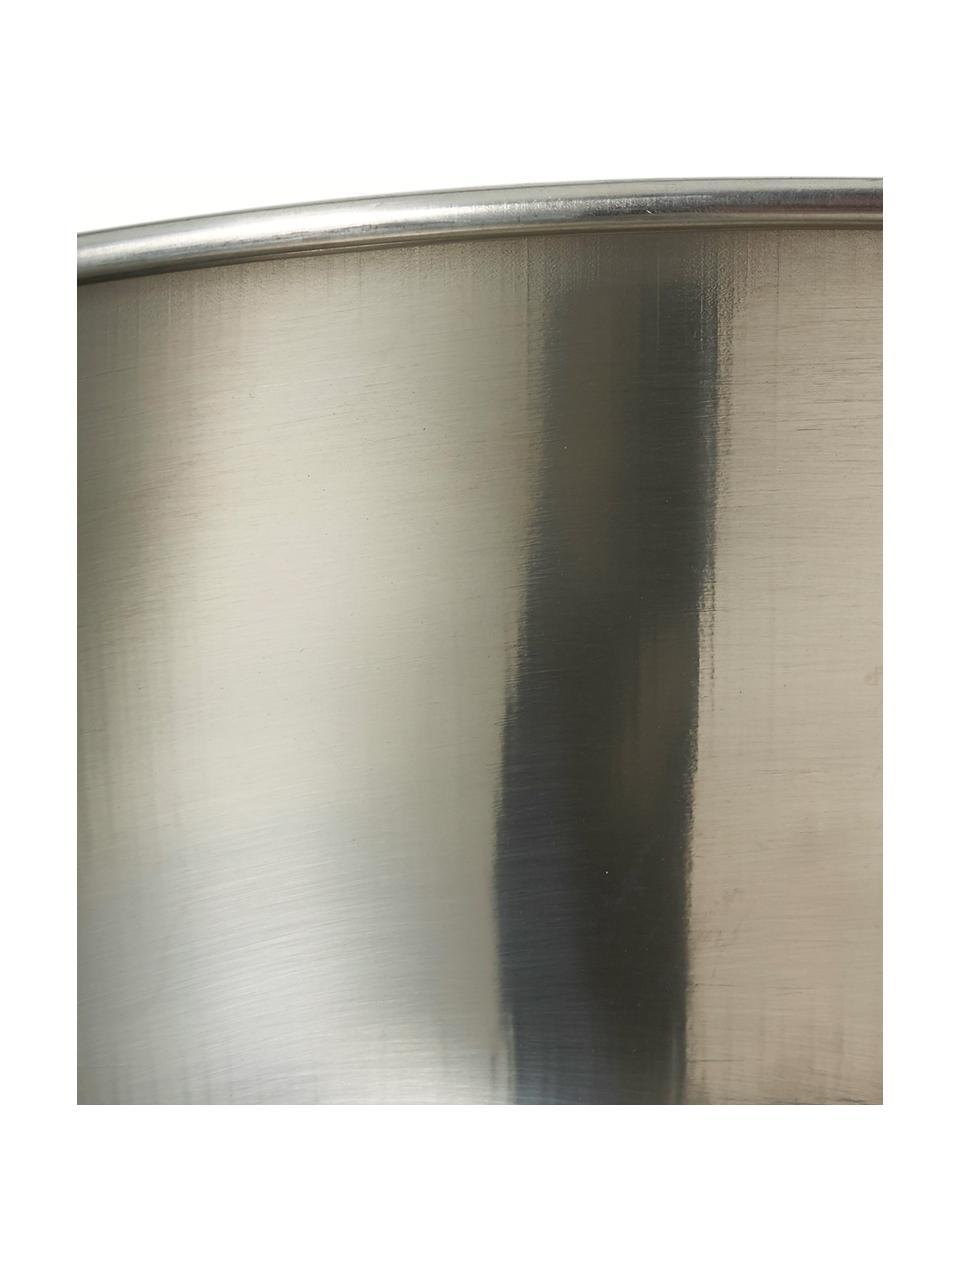 Mísa z nerezové oceli Master Class, různé velikosti, Mosazná, nerezová ocel